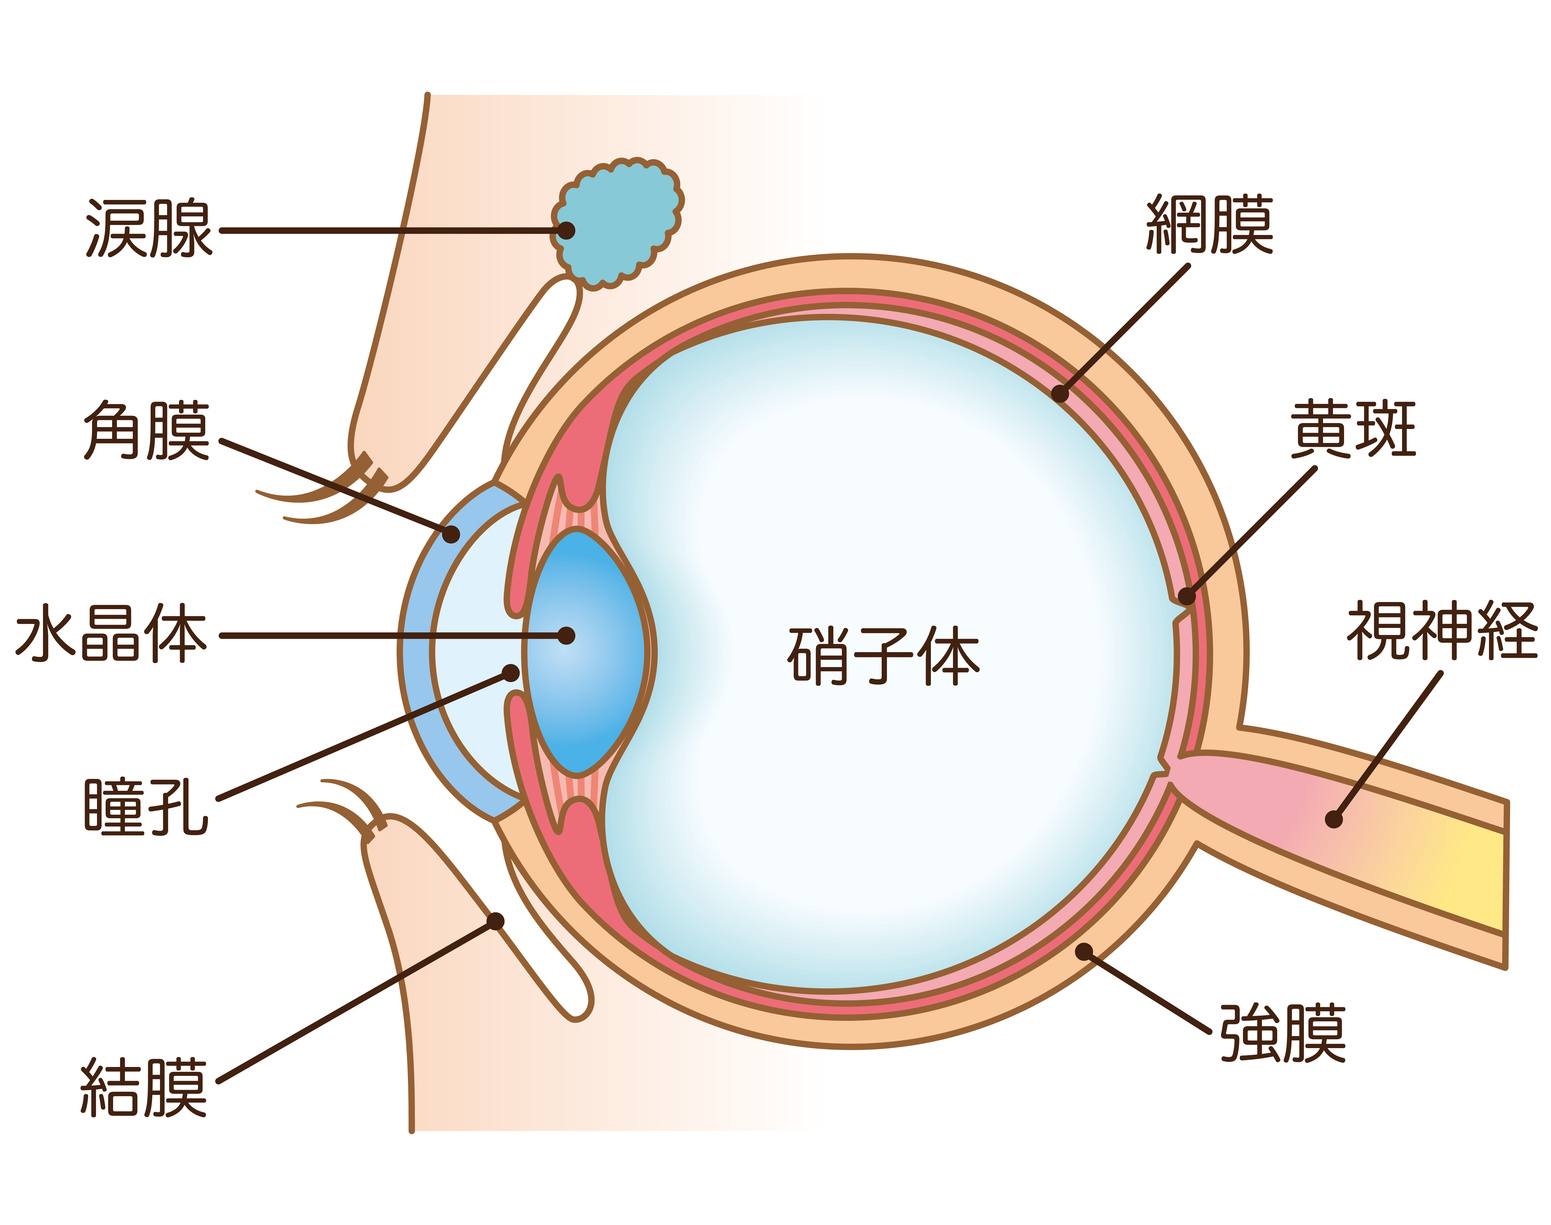 視神経乳頭陥凹、加齢黄斑変性 眼科